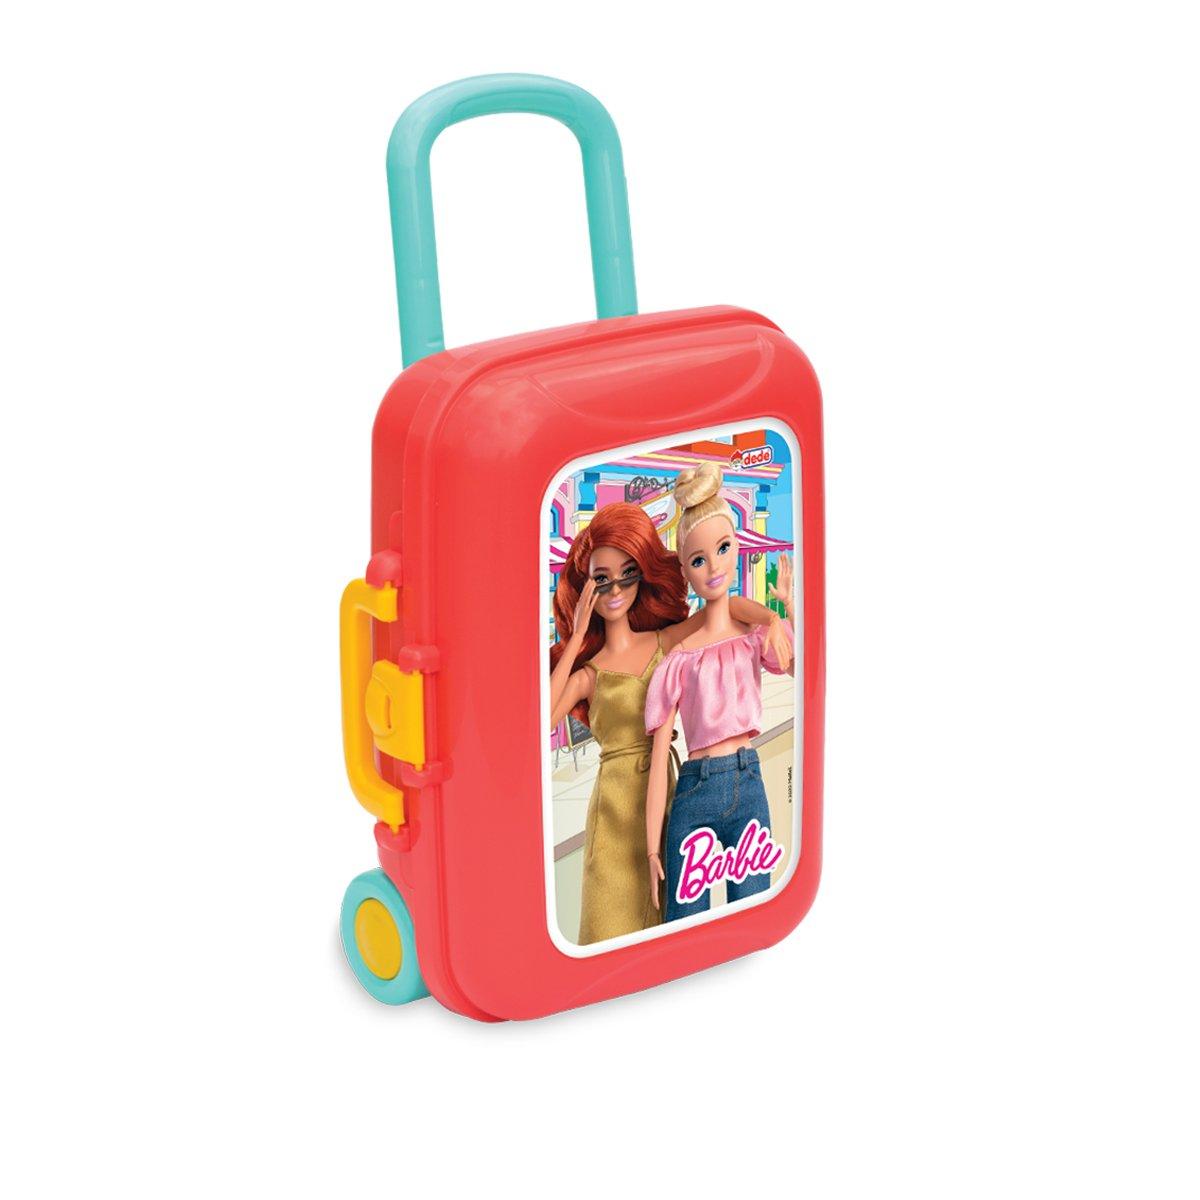 Trusa cu accesorii de bucatarie in gentuta, Barbie